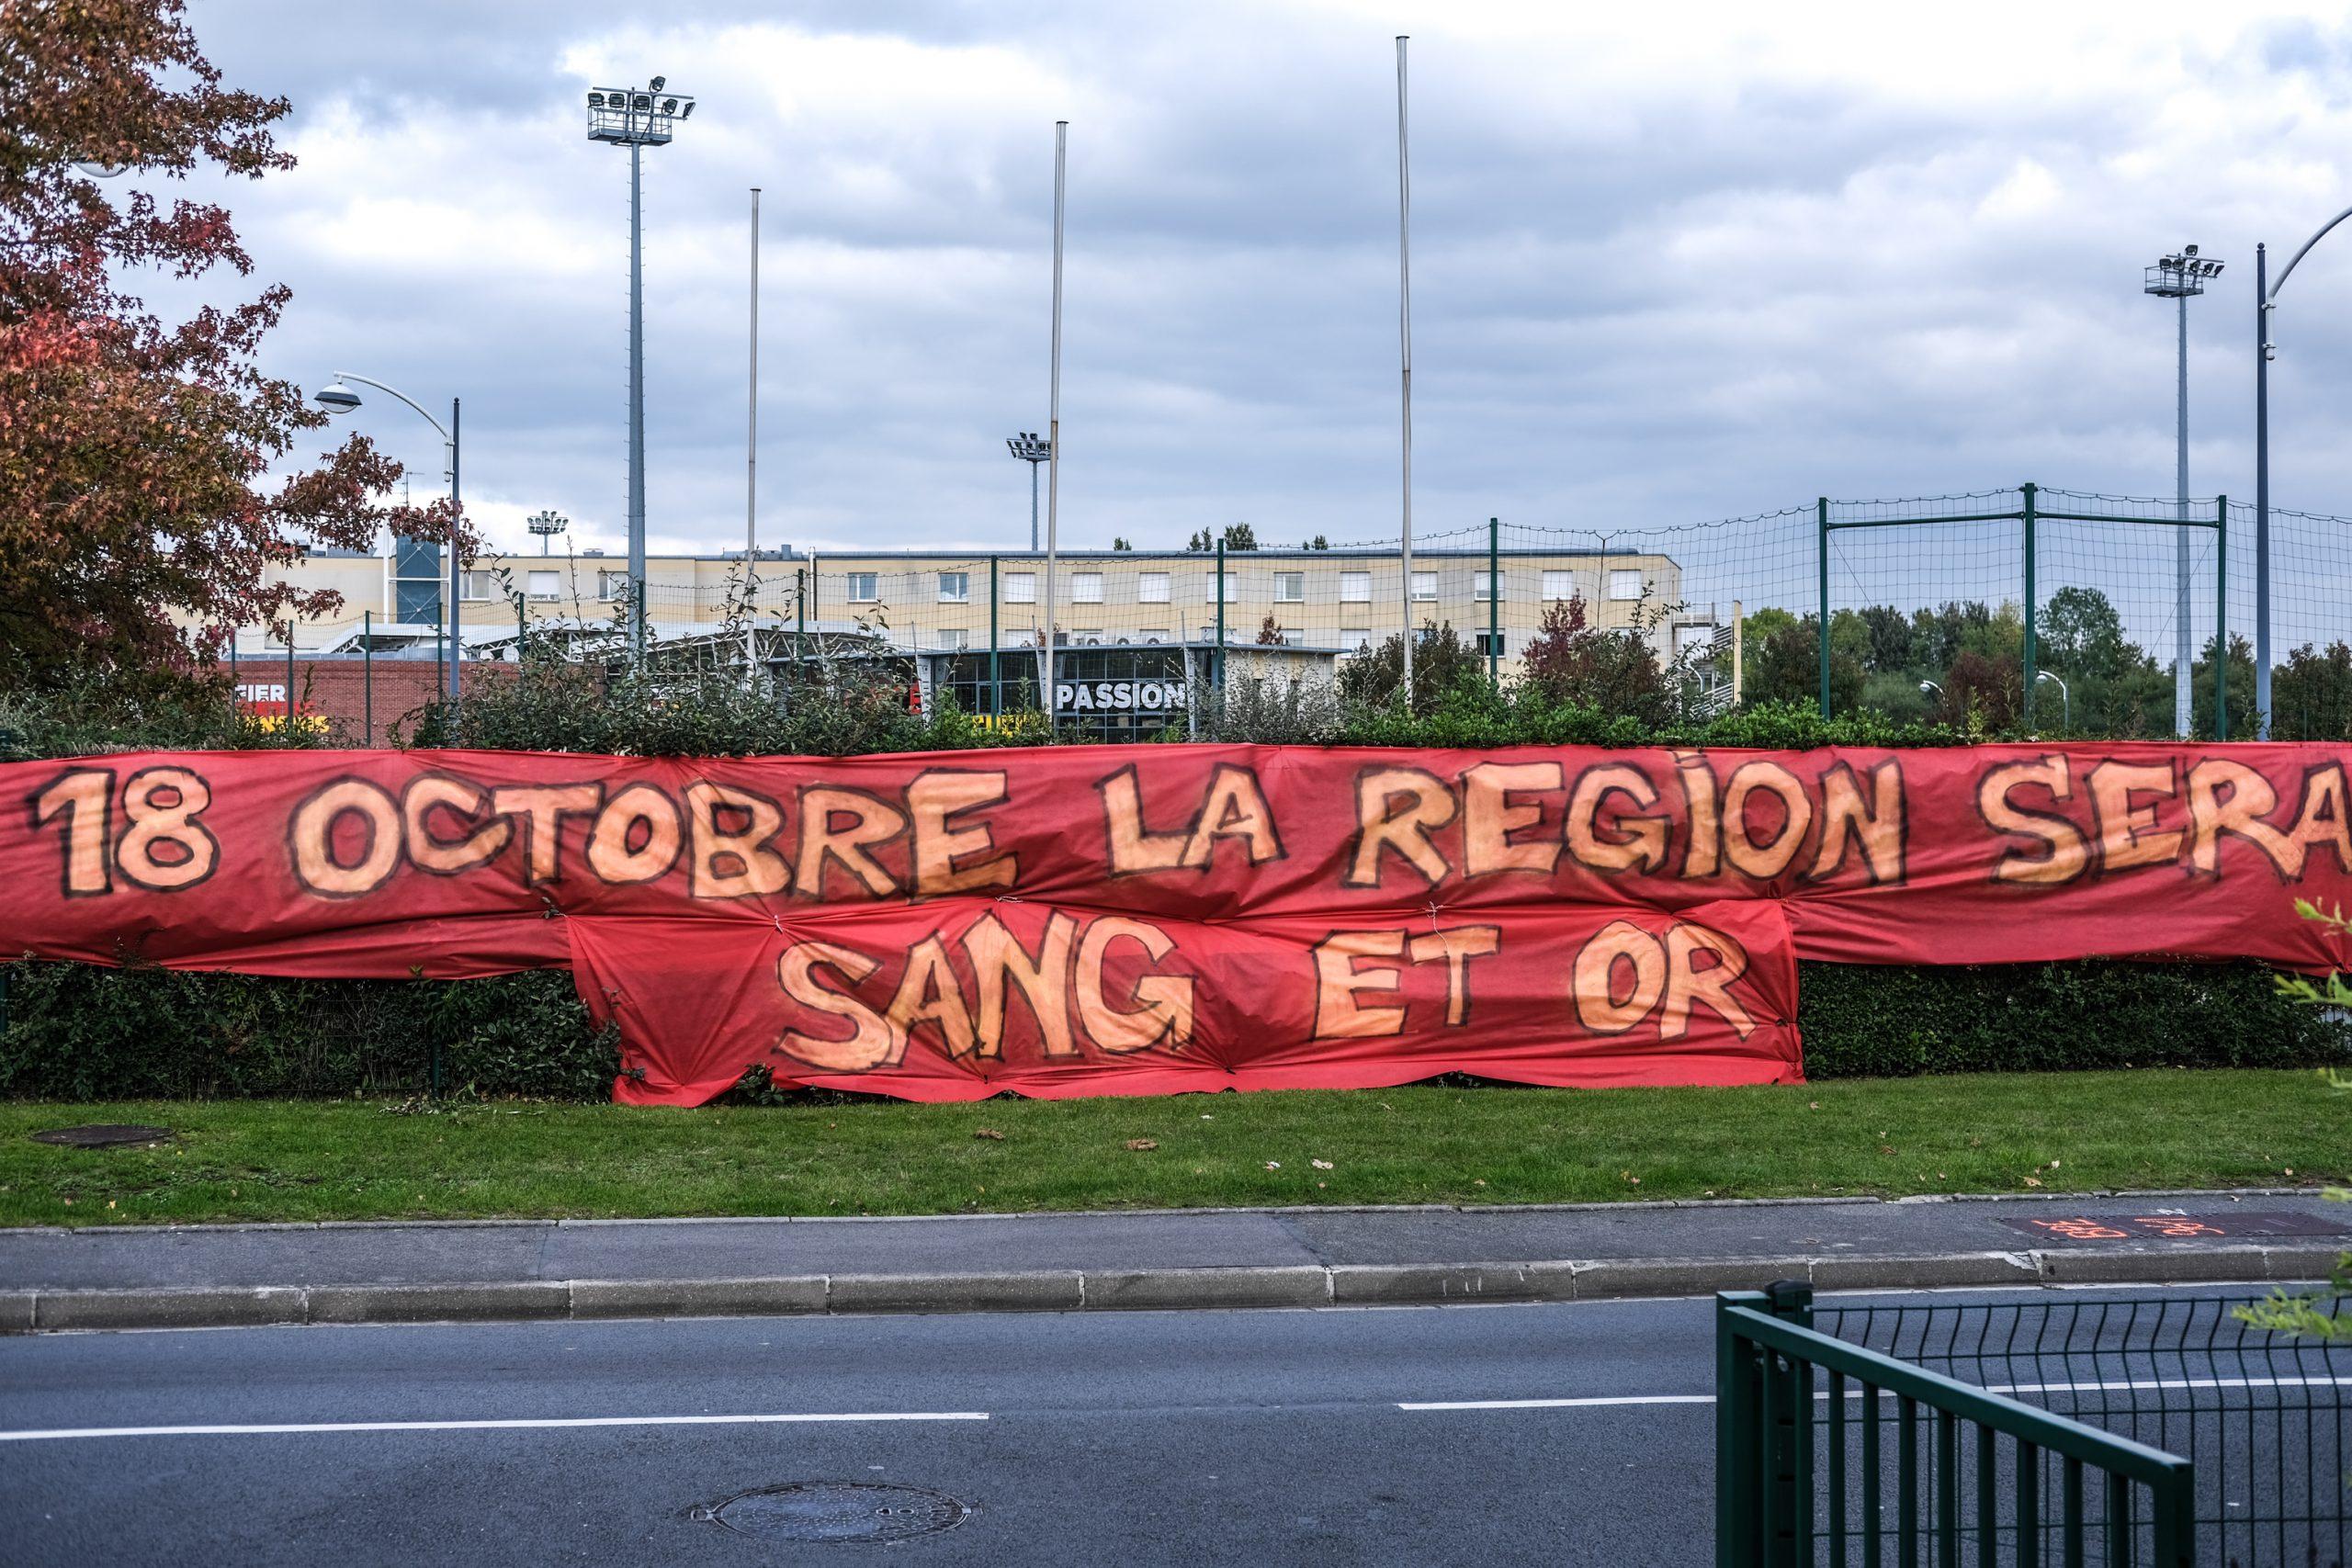 Des supporters soutiennent le RC Lens, deux jours avant d'affronter le Losc de Lille pour le 111e derby du Nord. 16 octobre 2020.